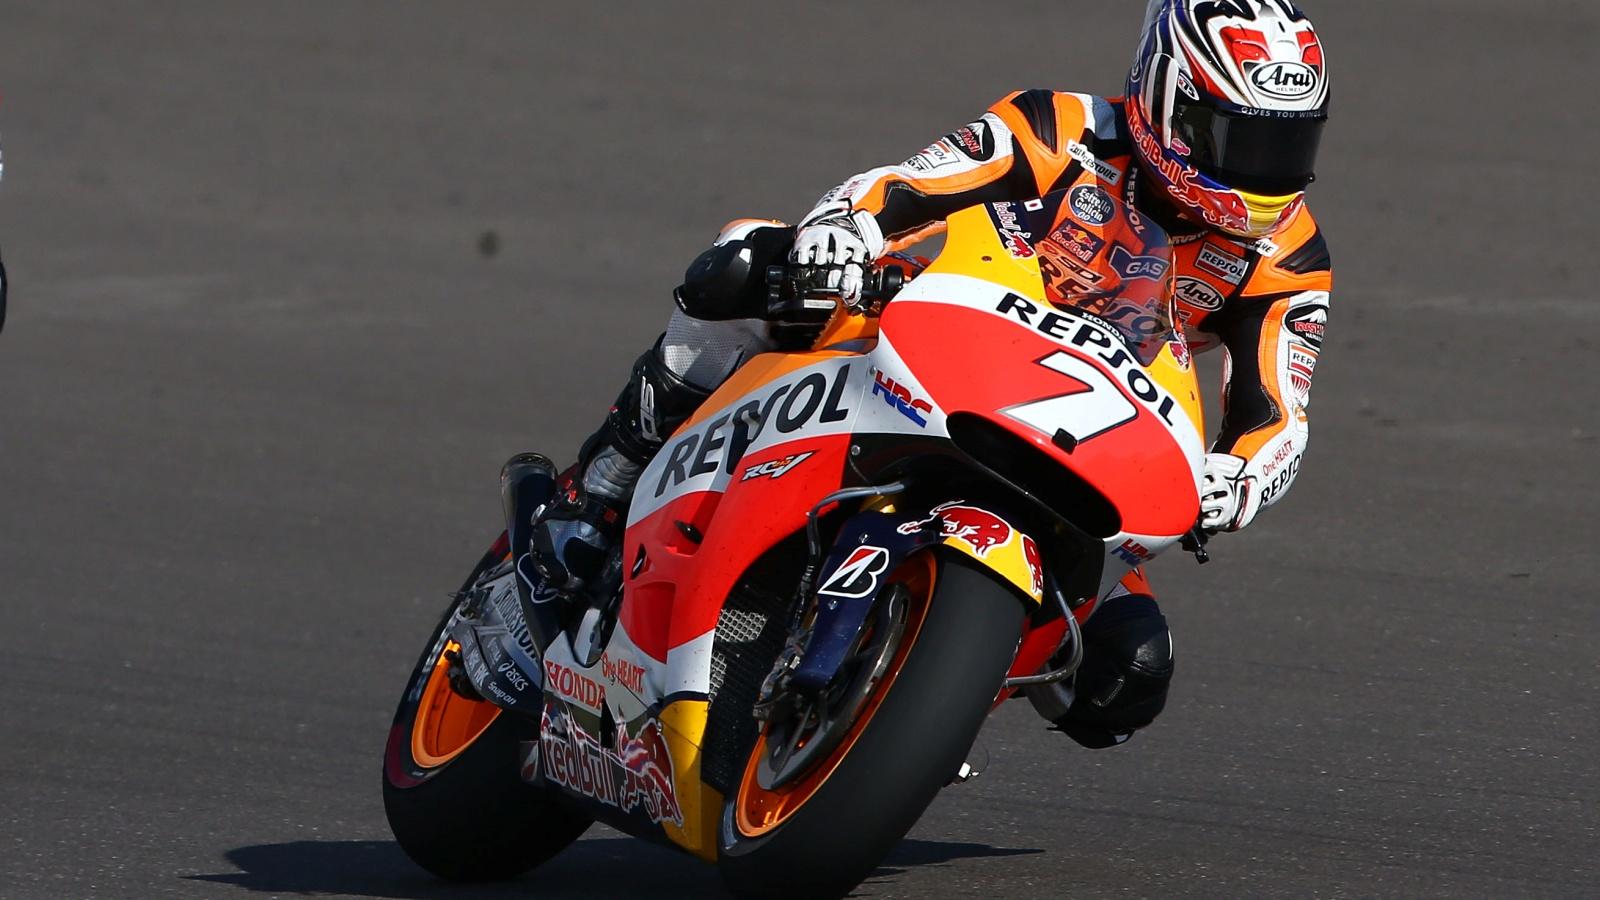 Repsol Honda MotoGP: todos los pilotos (1995-2019)